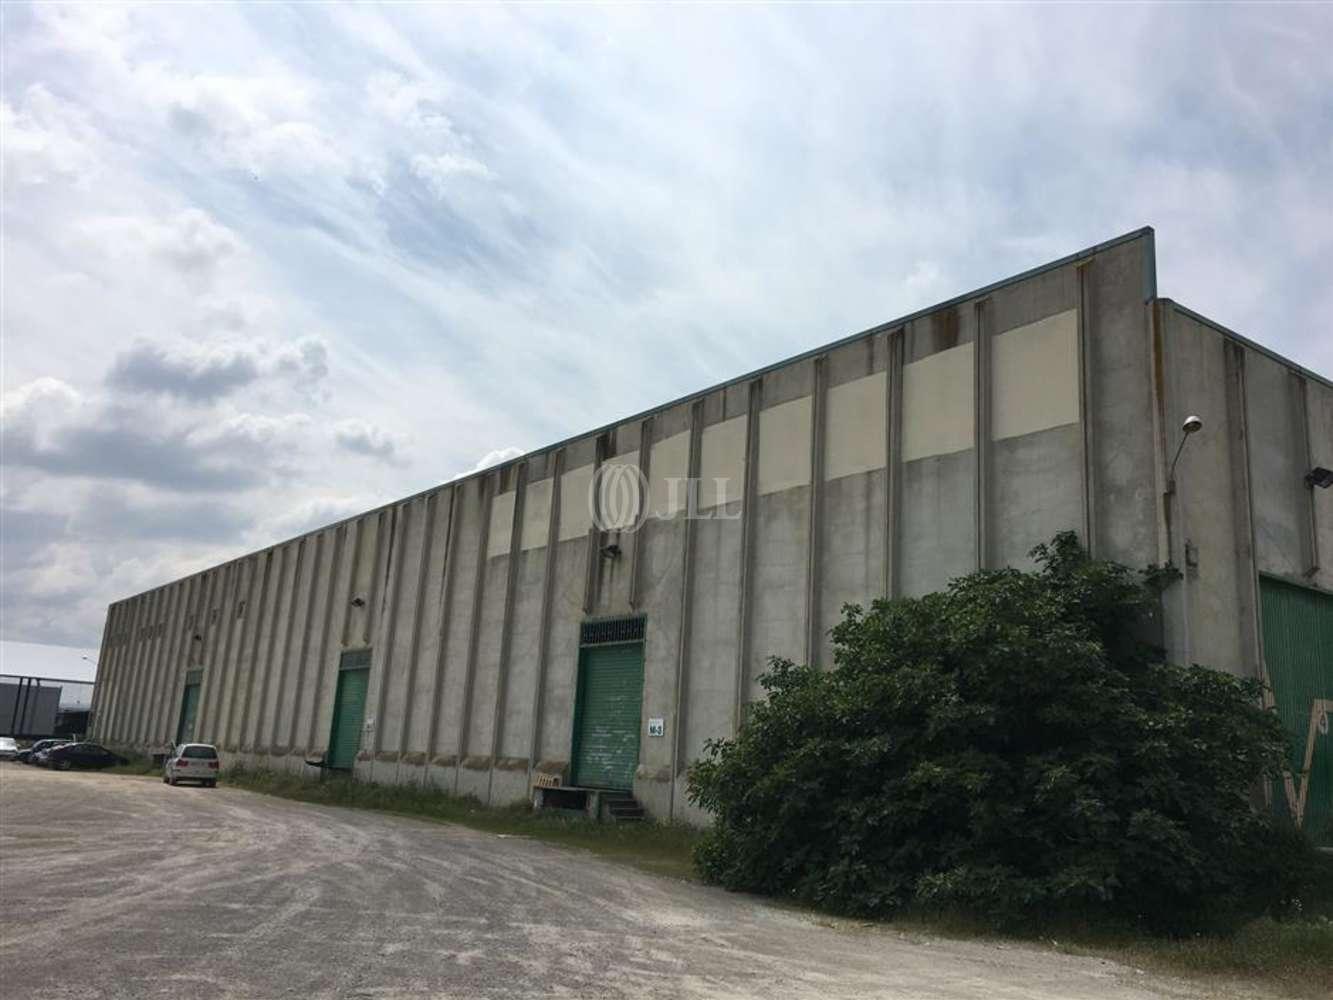 Naves industriales y logísticas Tàrrega, 25300 - Nave Industrial - B0468 - PI LA CANALETA - 10844